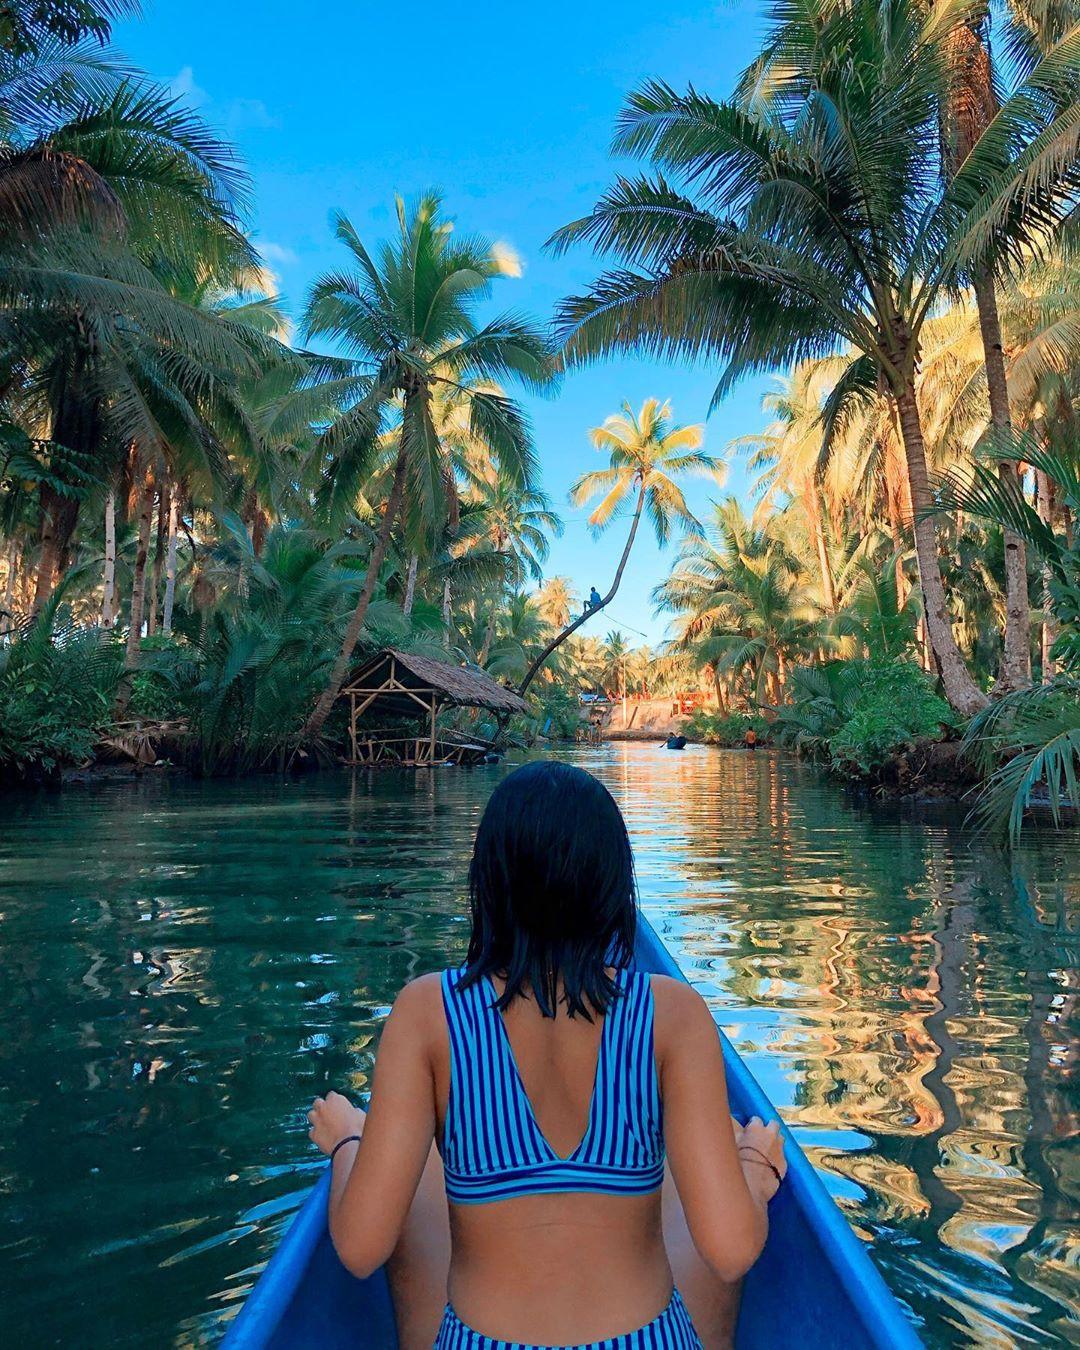 Vượt qua cả Bali và Hawaii, ốc đảo hình giọt nước kỳ lạ ở Philippines được tạp chí Mỹ bình chọn đẹp nhất thế giới - Ảnh 27.